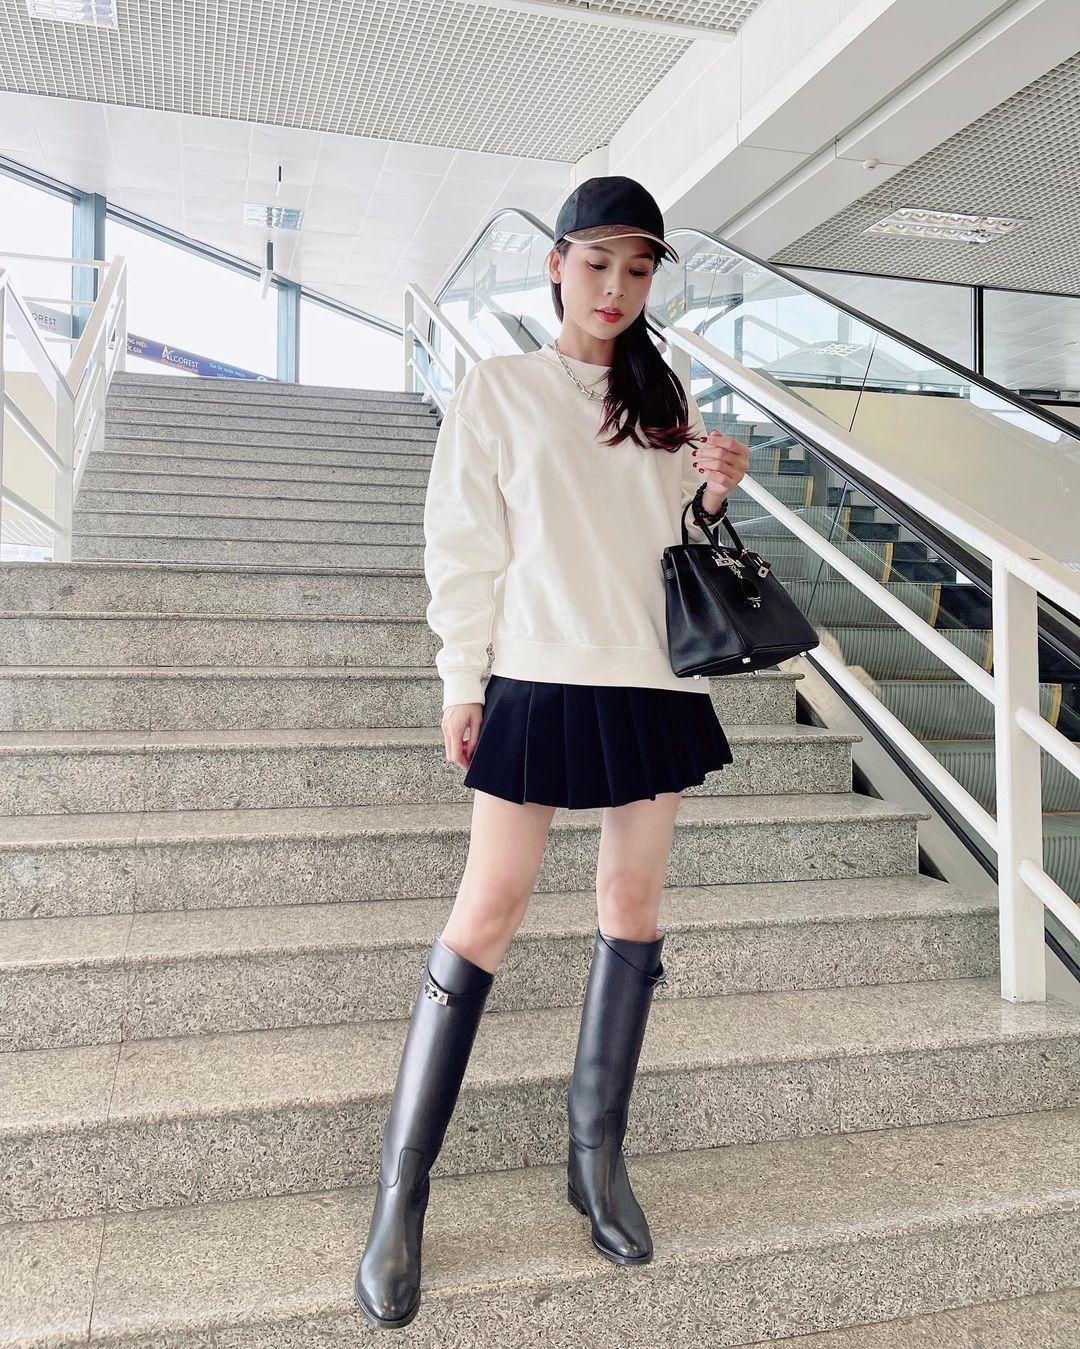 """Hội chị em thấp bé học ngay Sam loạt cách diện boots kéo chân """"ảo tung chảo"""", cao chứa tới 1m60 mà trông như 1m70 - Ảnh 2."""